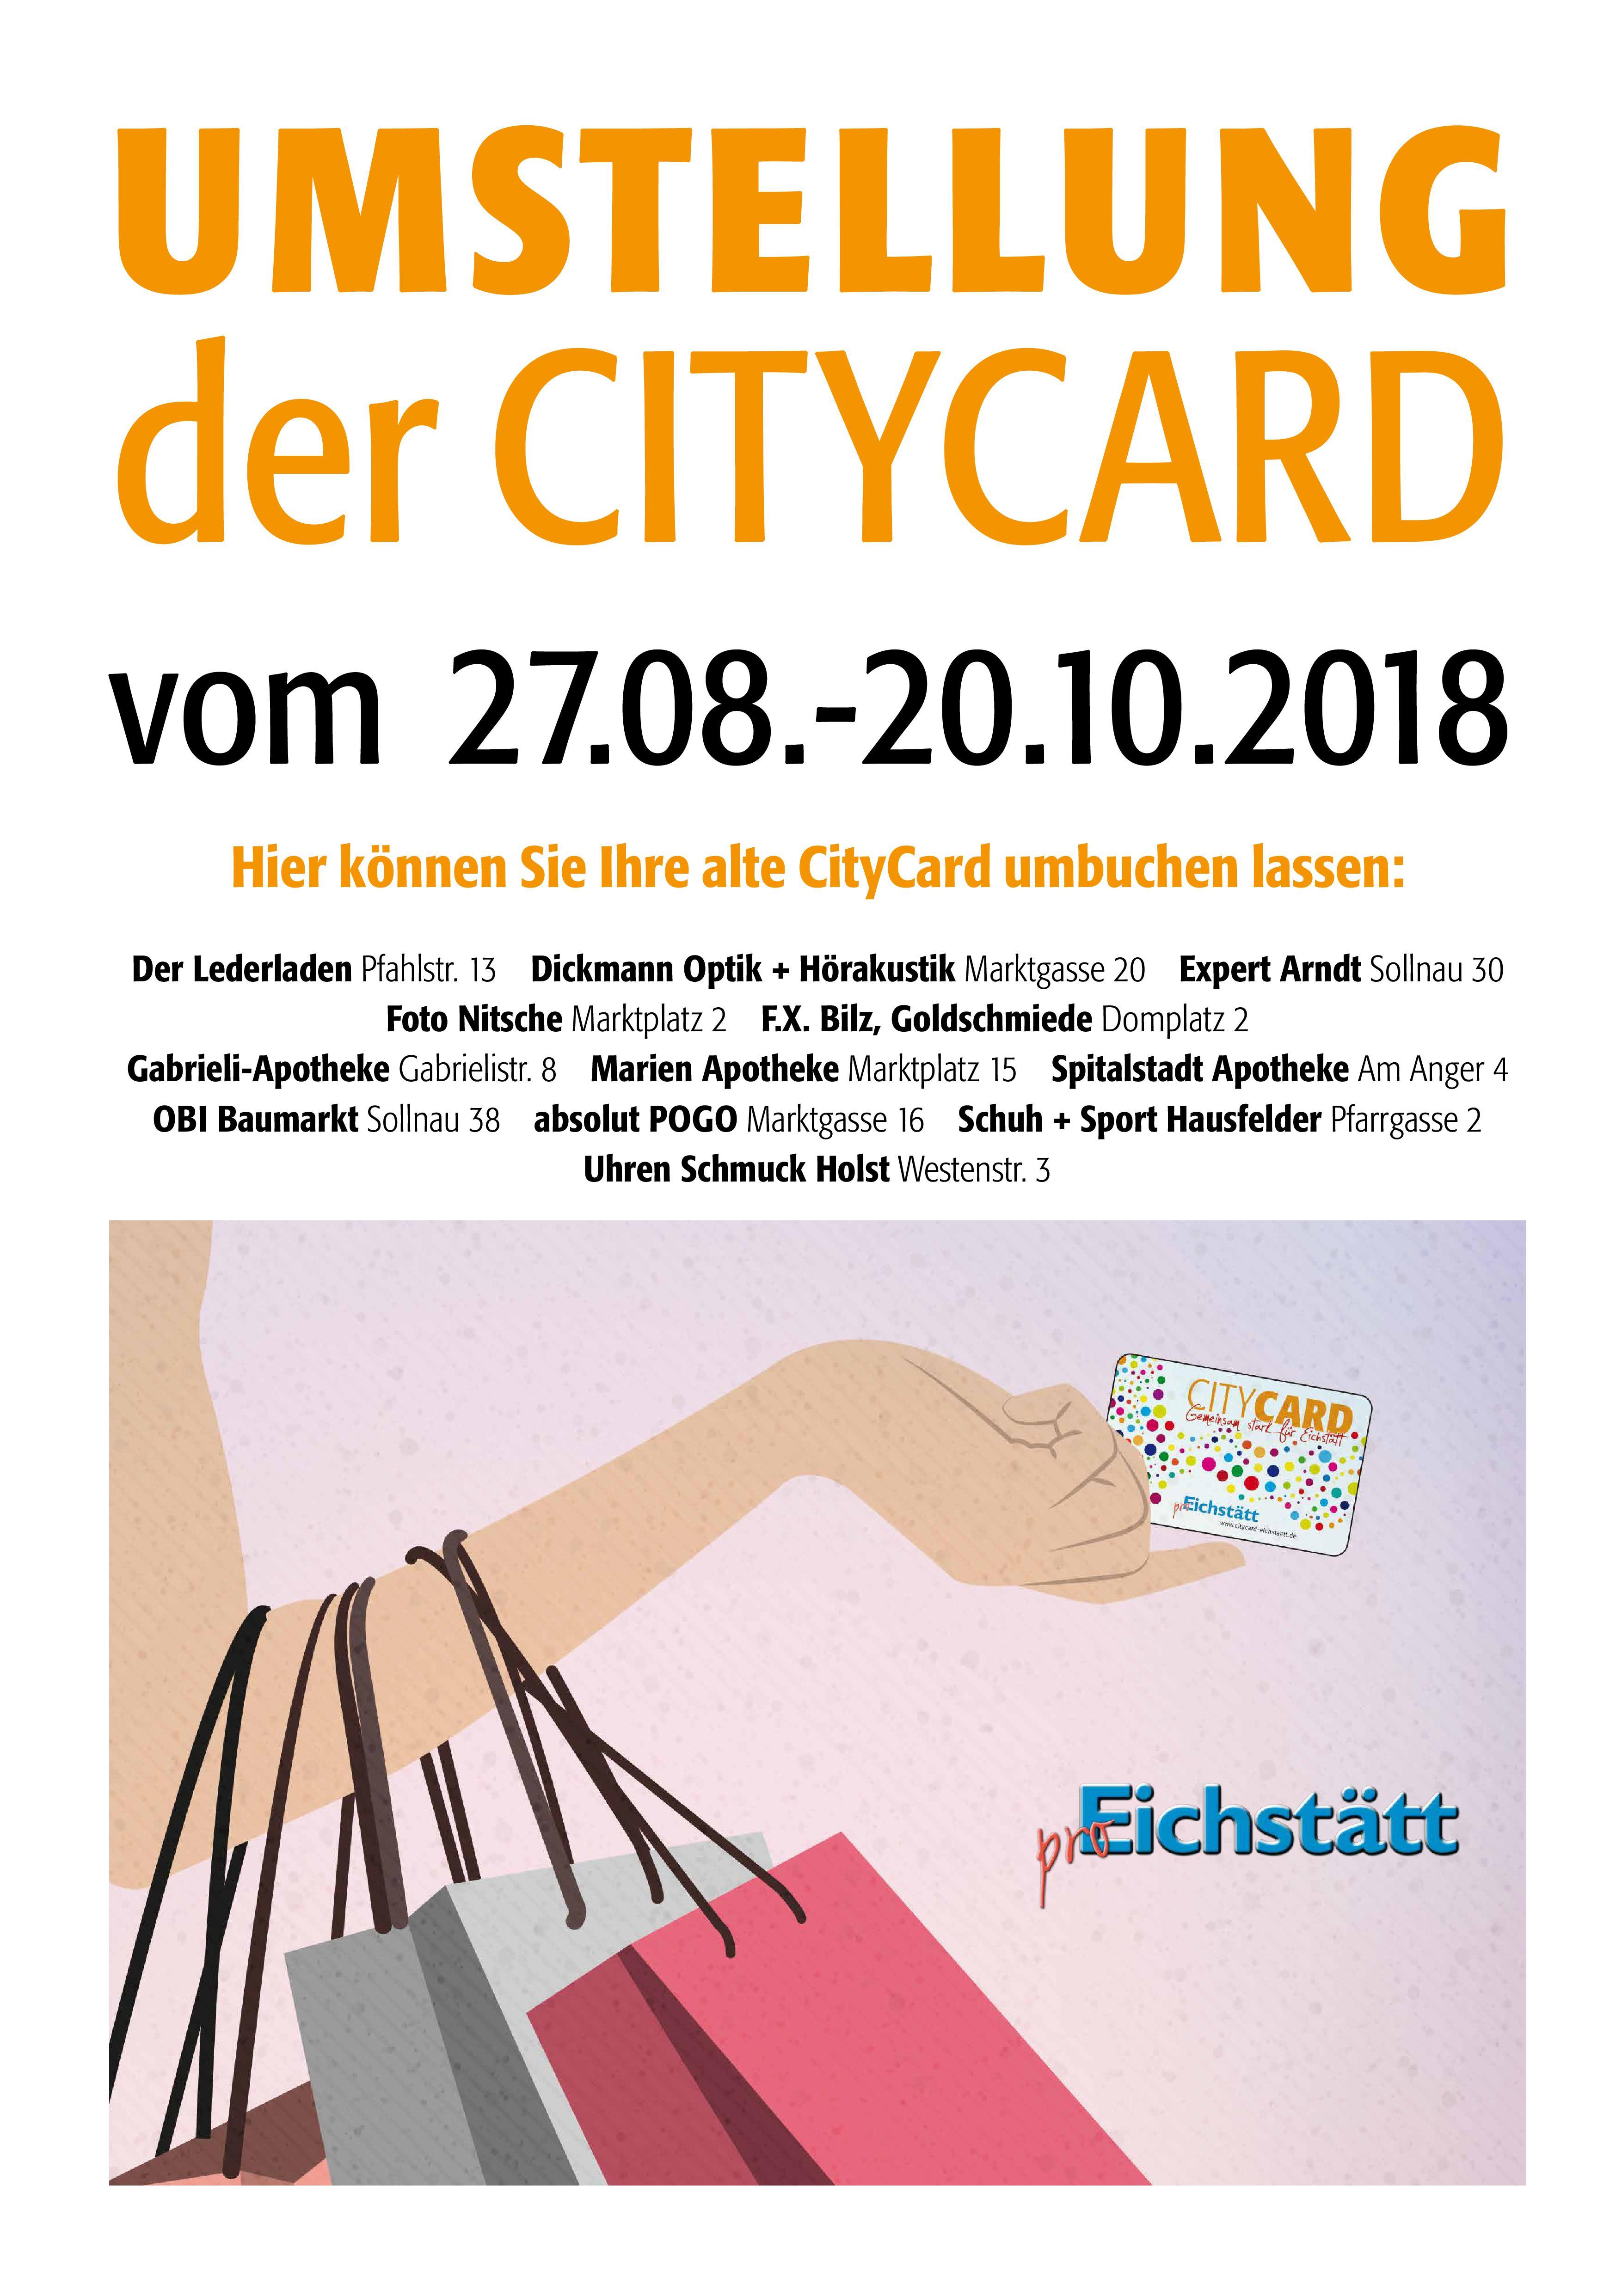 Die Neue CityCard